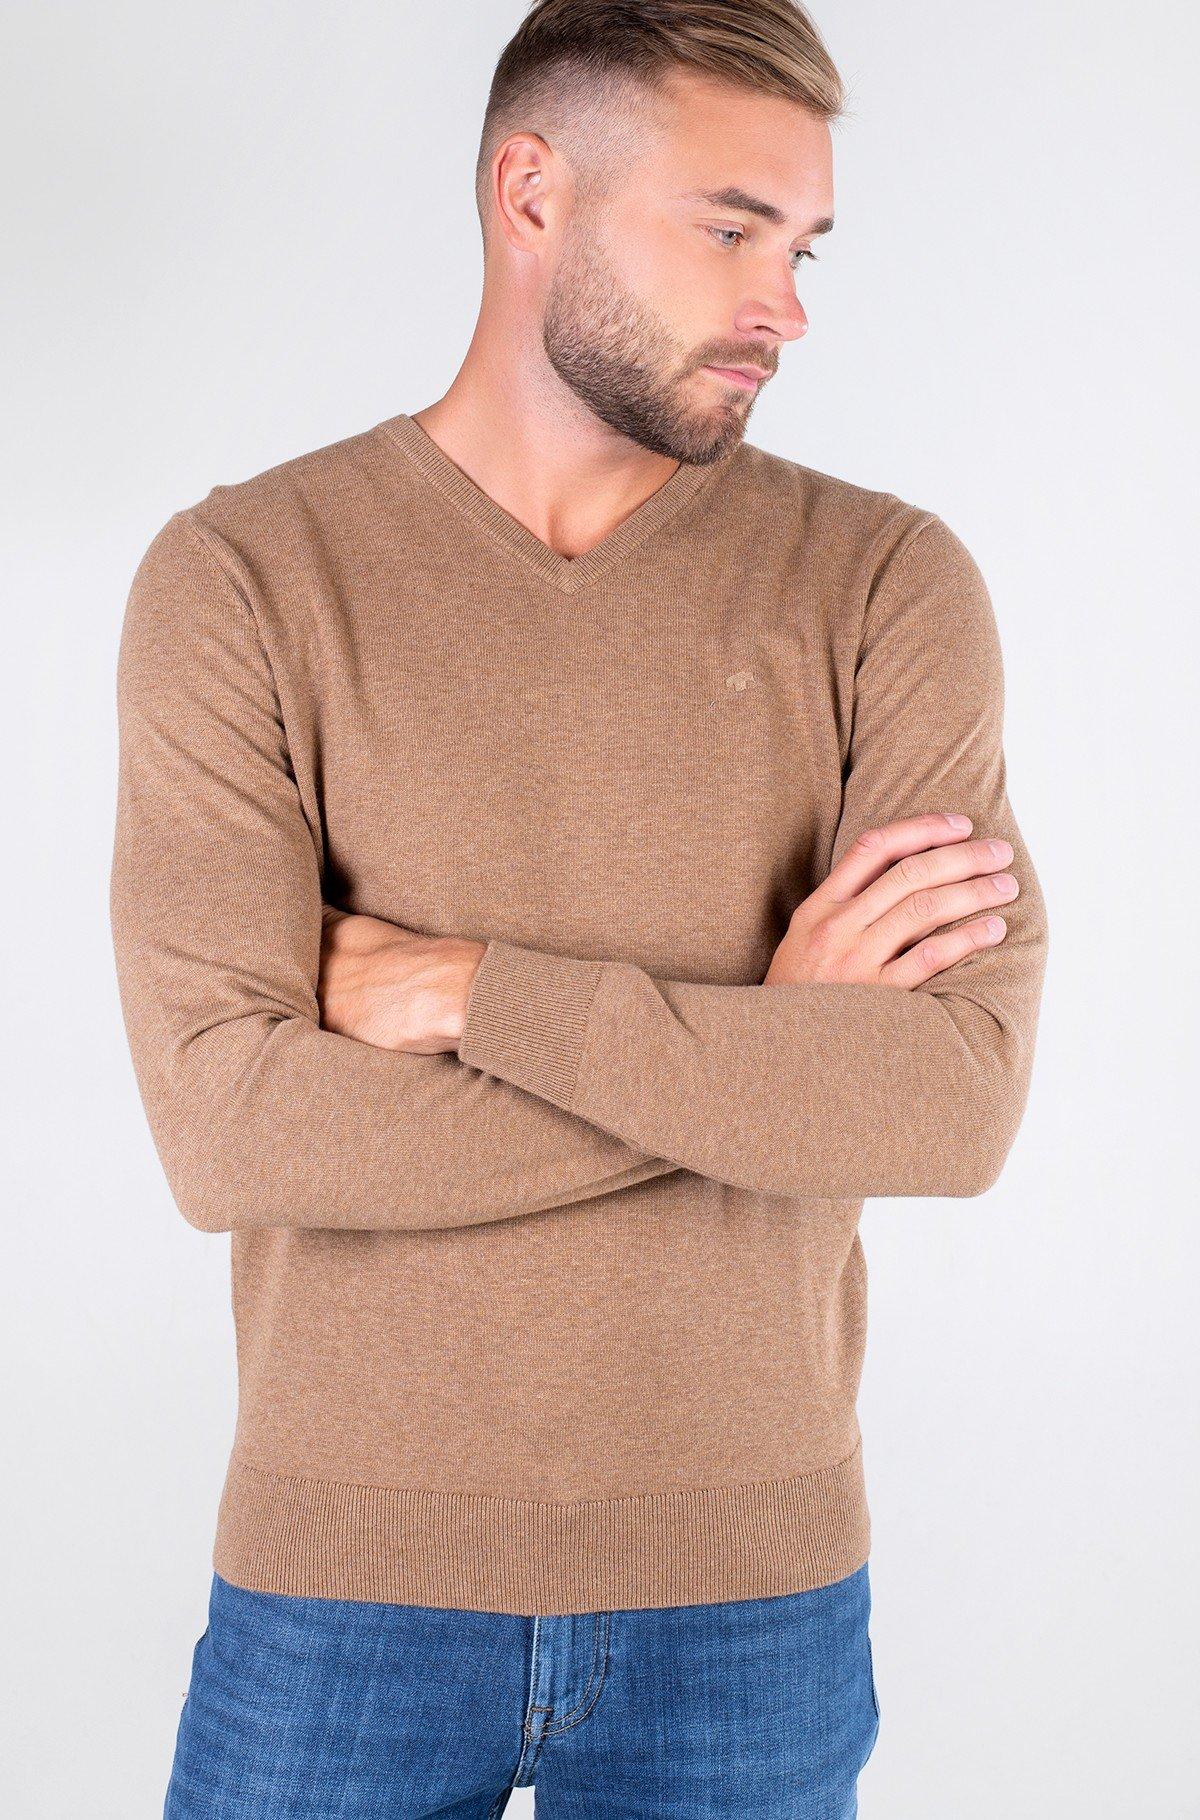 Knitwear 1027300-full-1